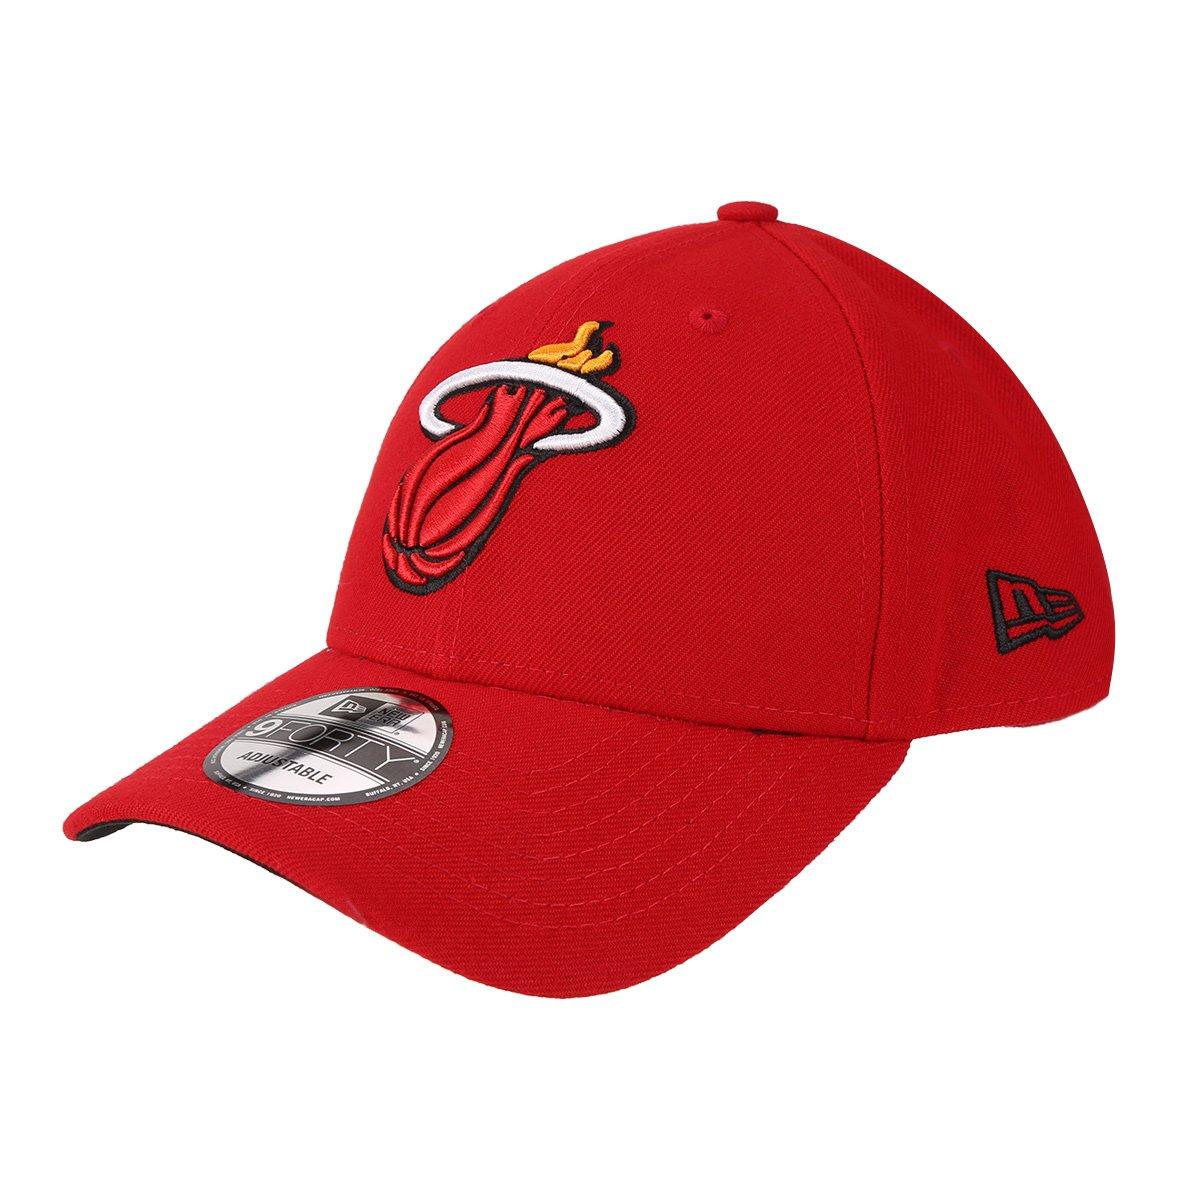 63579ed6560c1 Boné New Era NBA Miami Heat Aba Curva Primary - Vermelho - Compre Agora